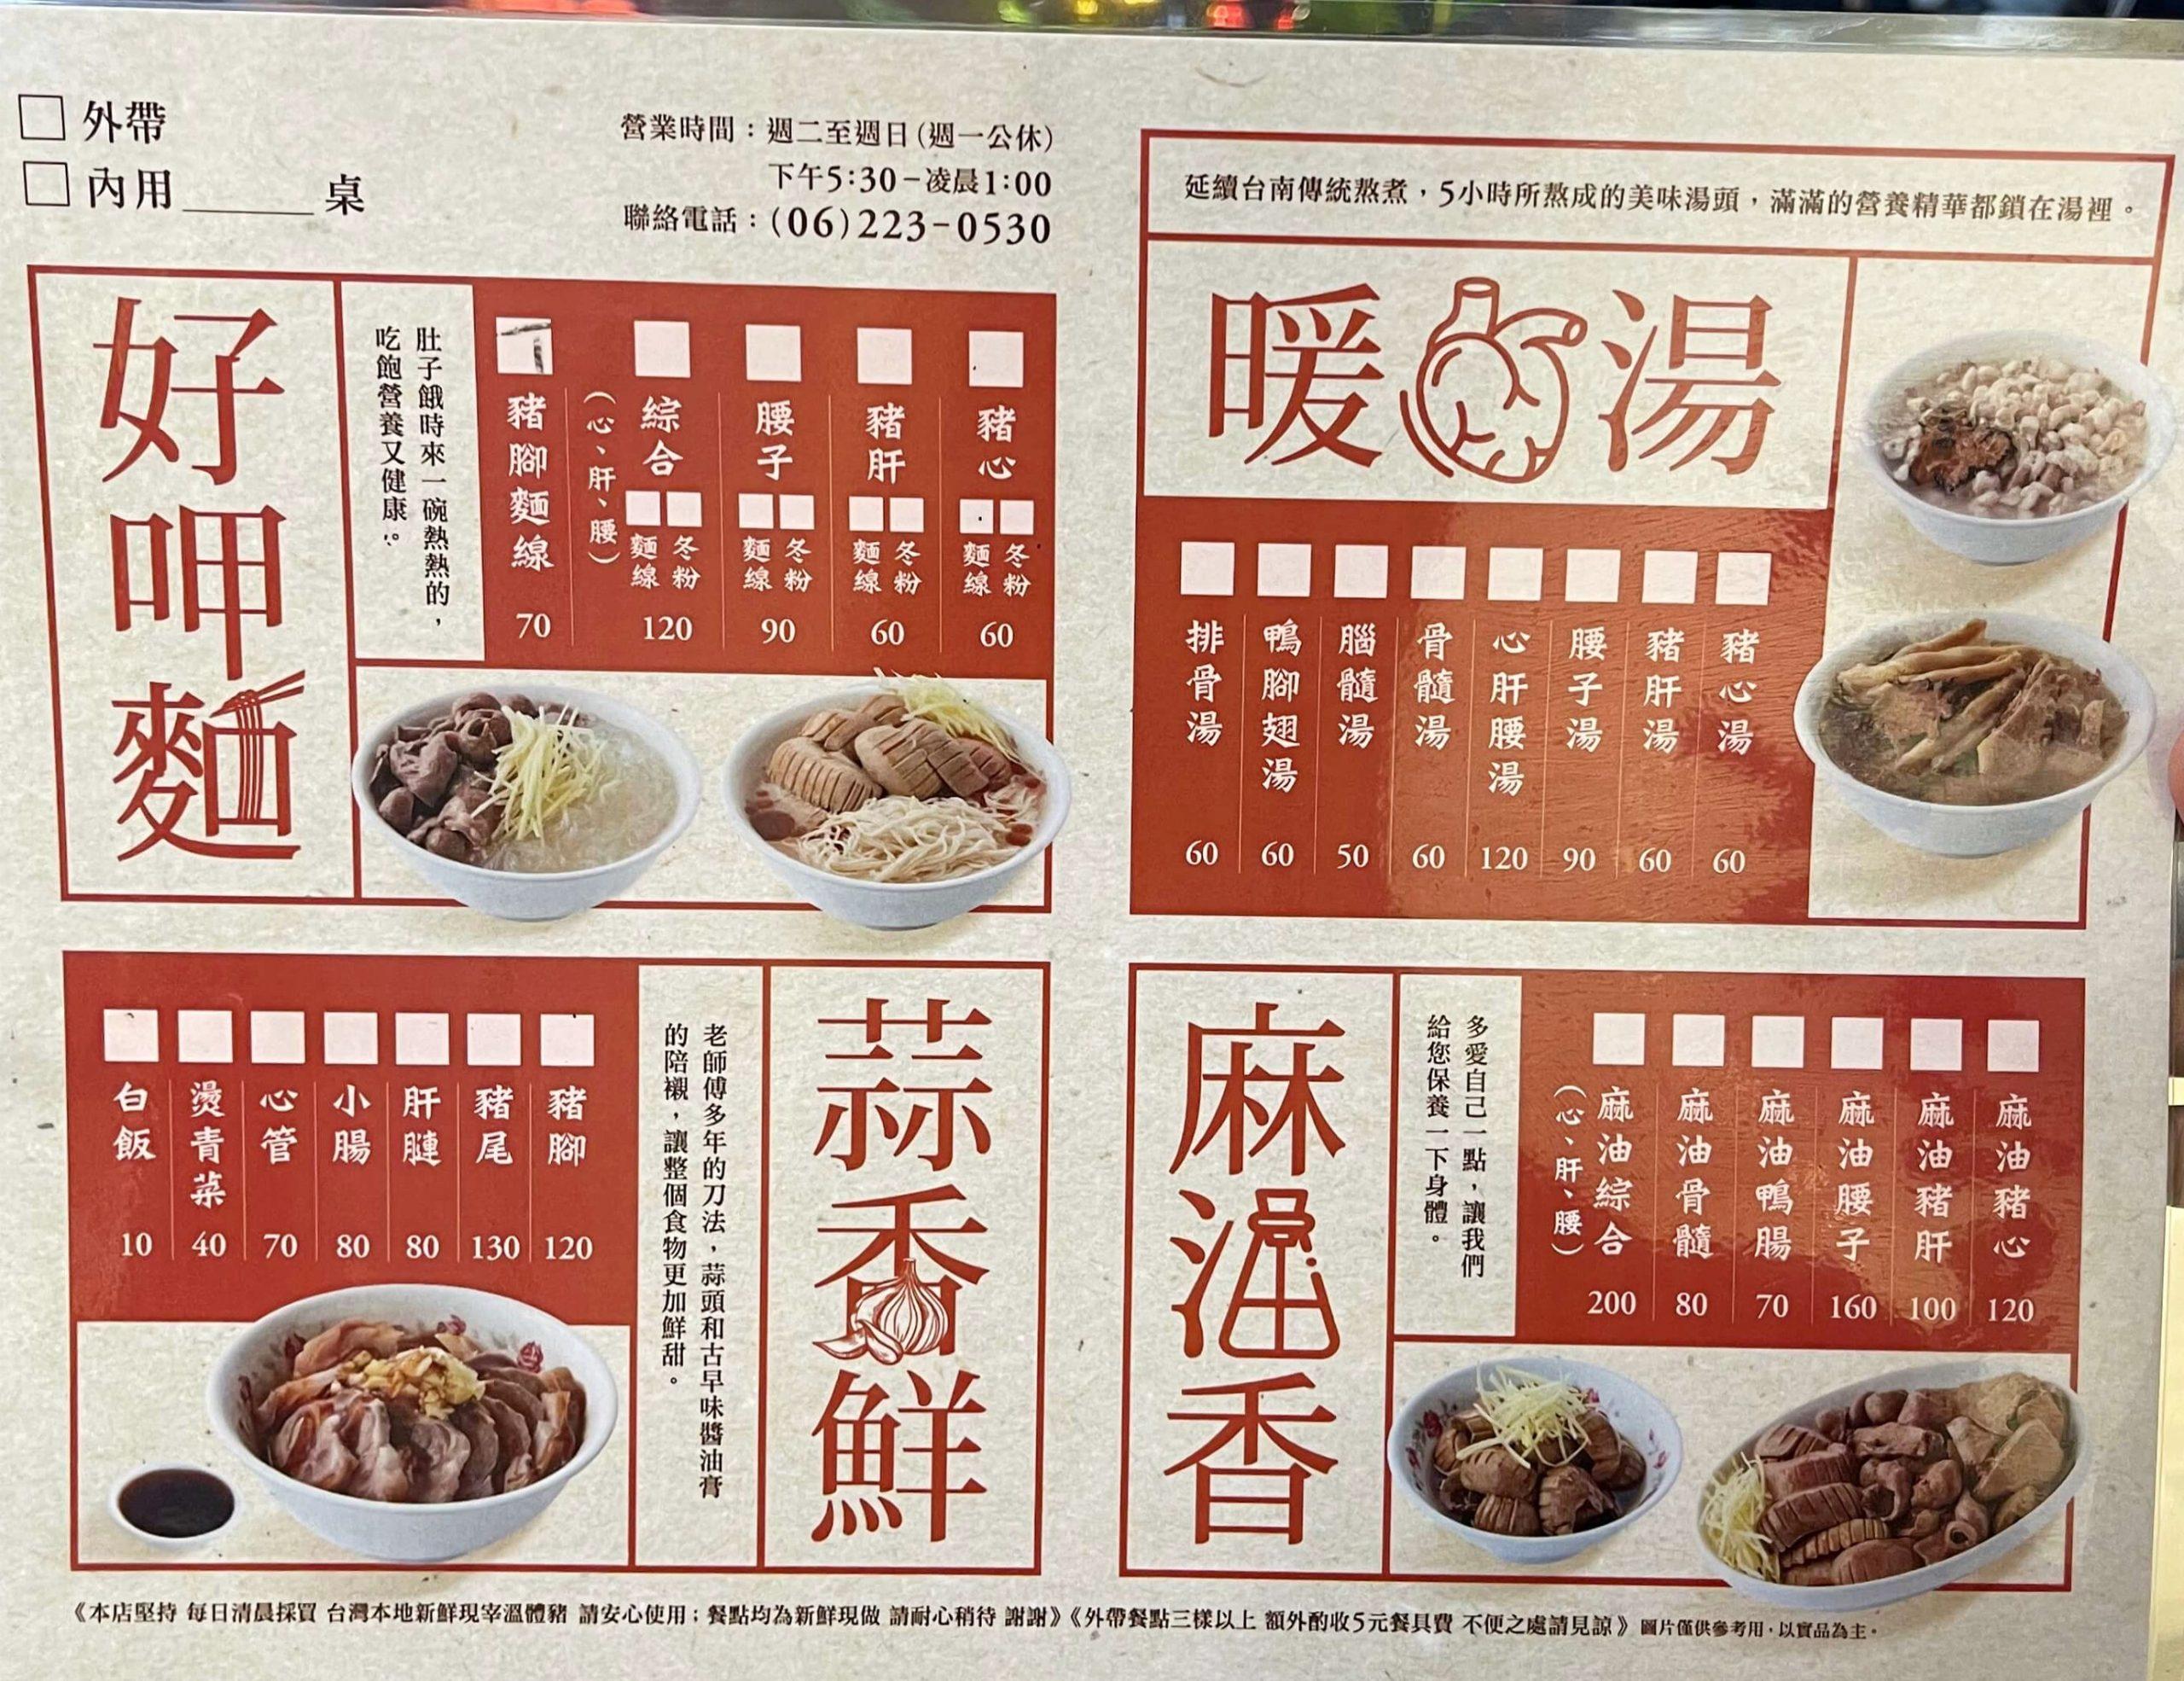 享味豚肉菜單MENU